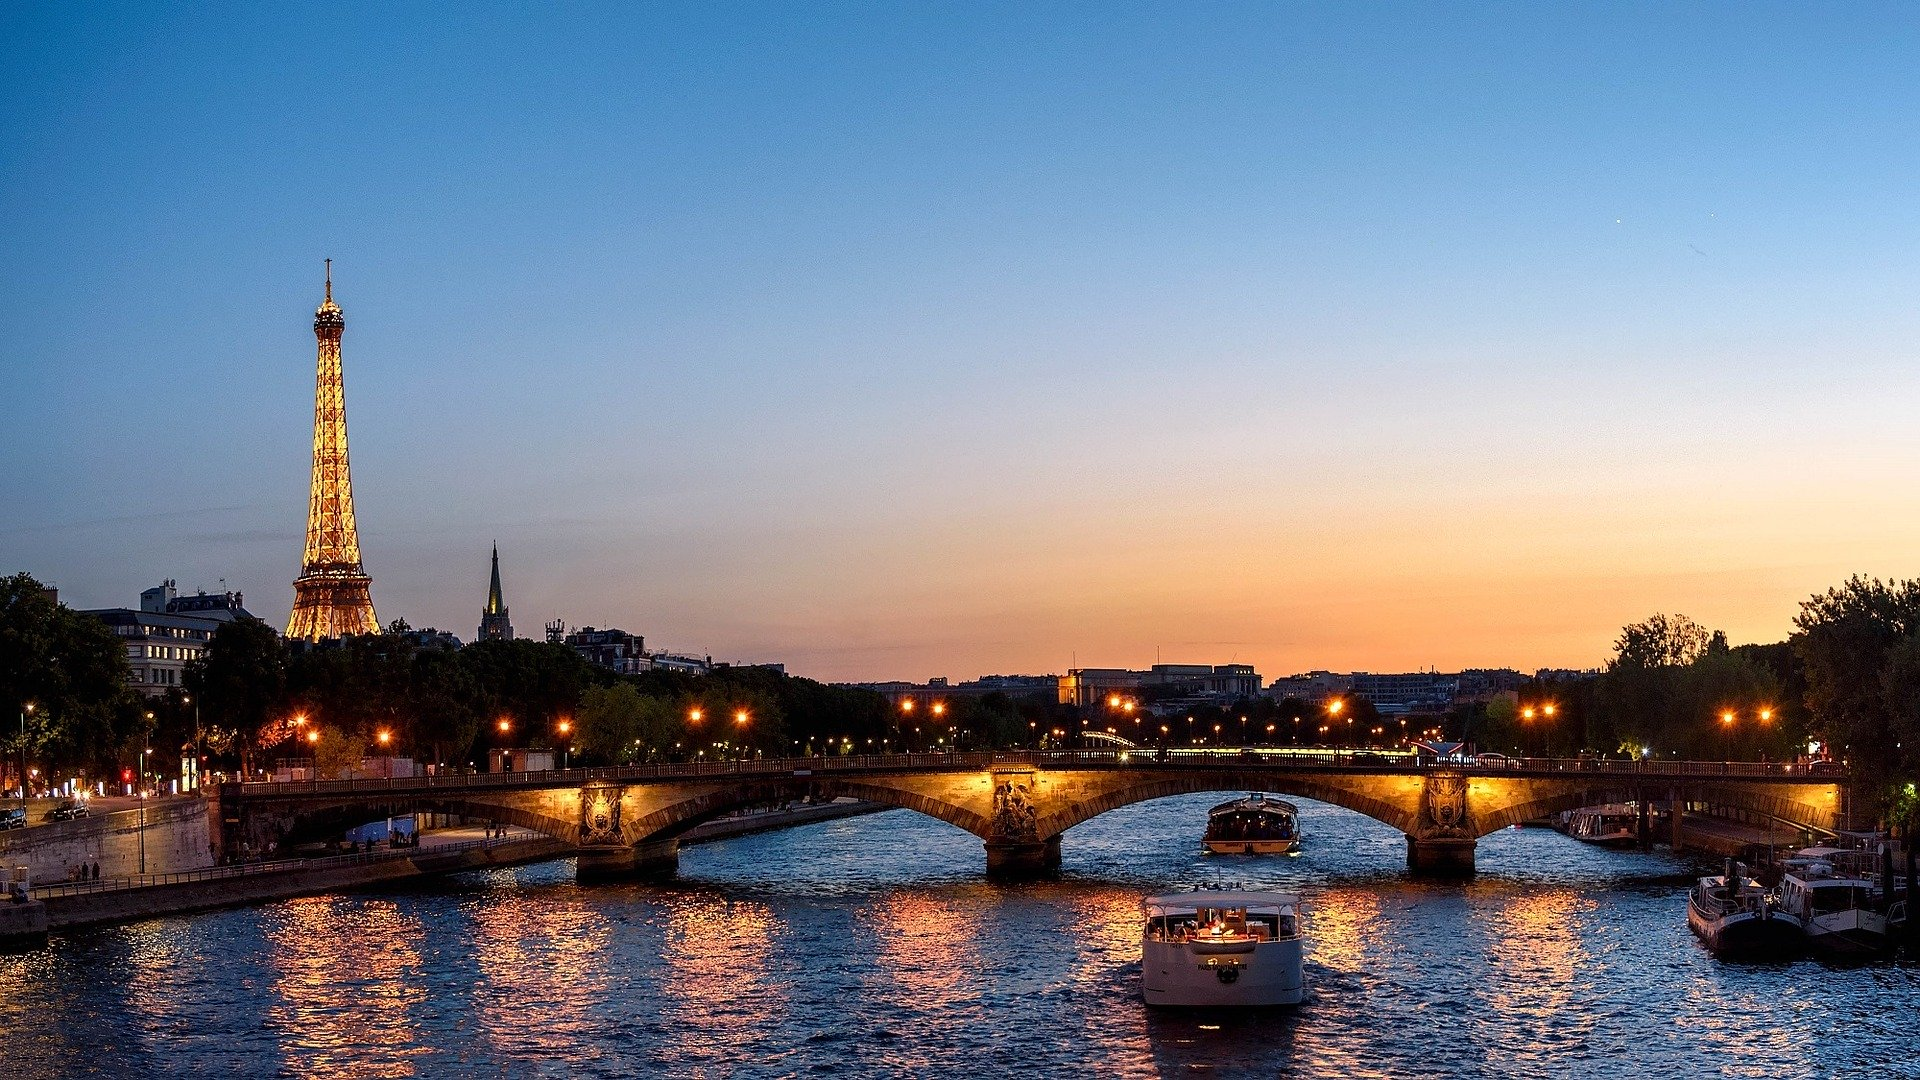 Hình ảnh tháp Eiffel đẹp, tráng lệ lúc hoàng hôn